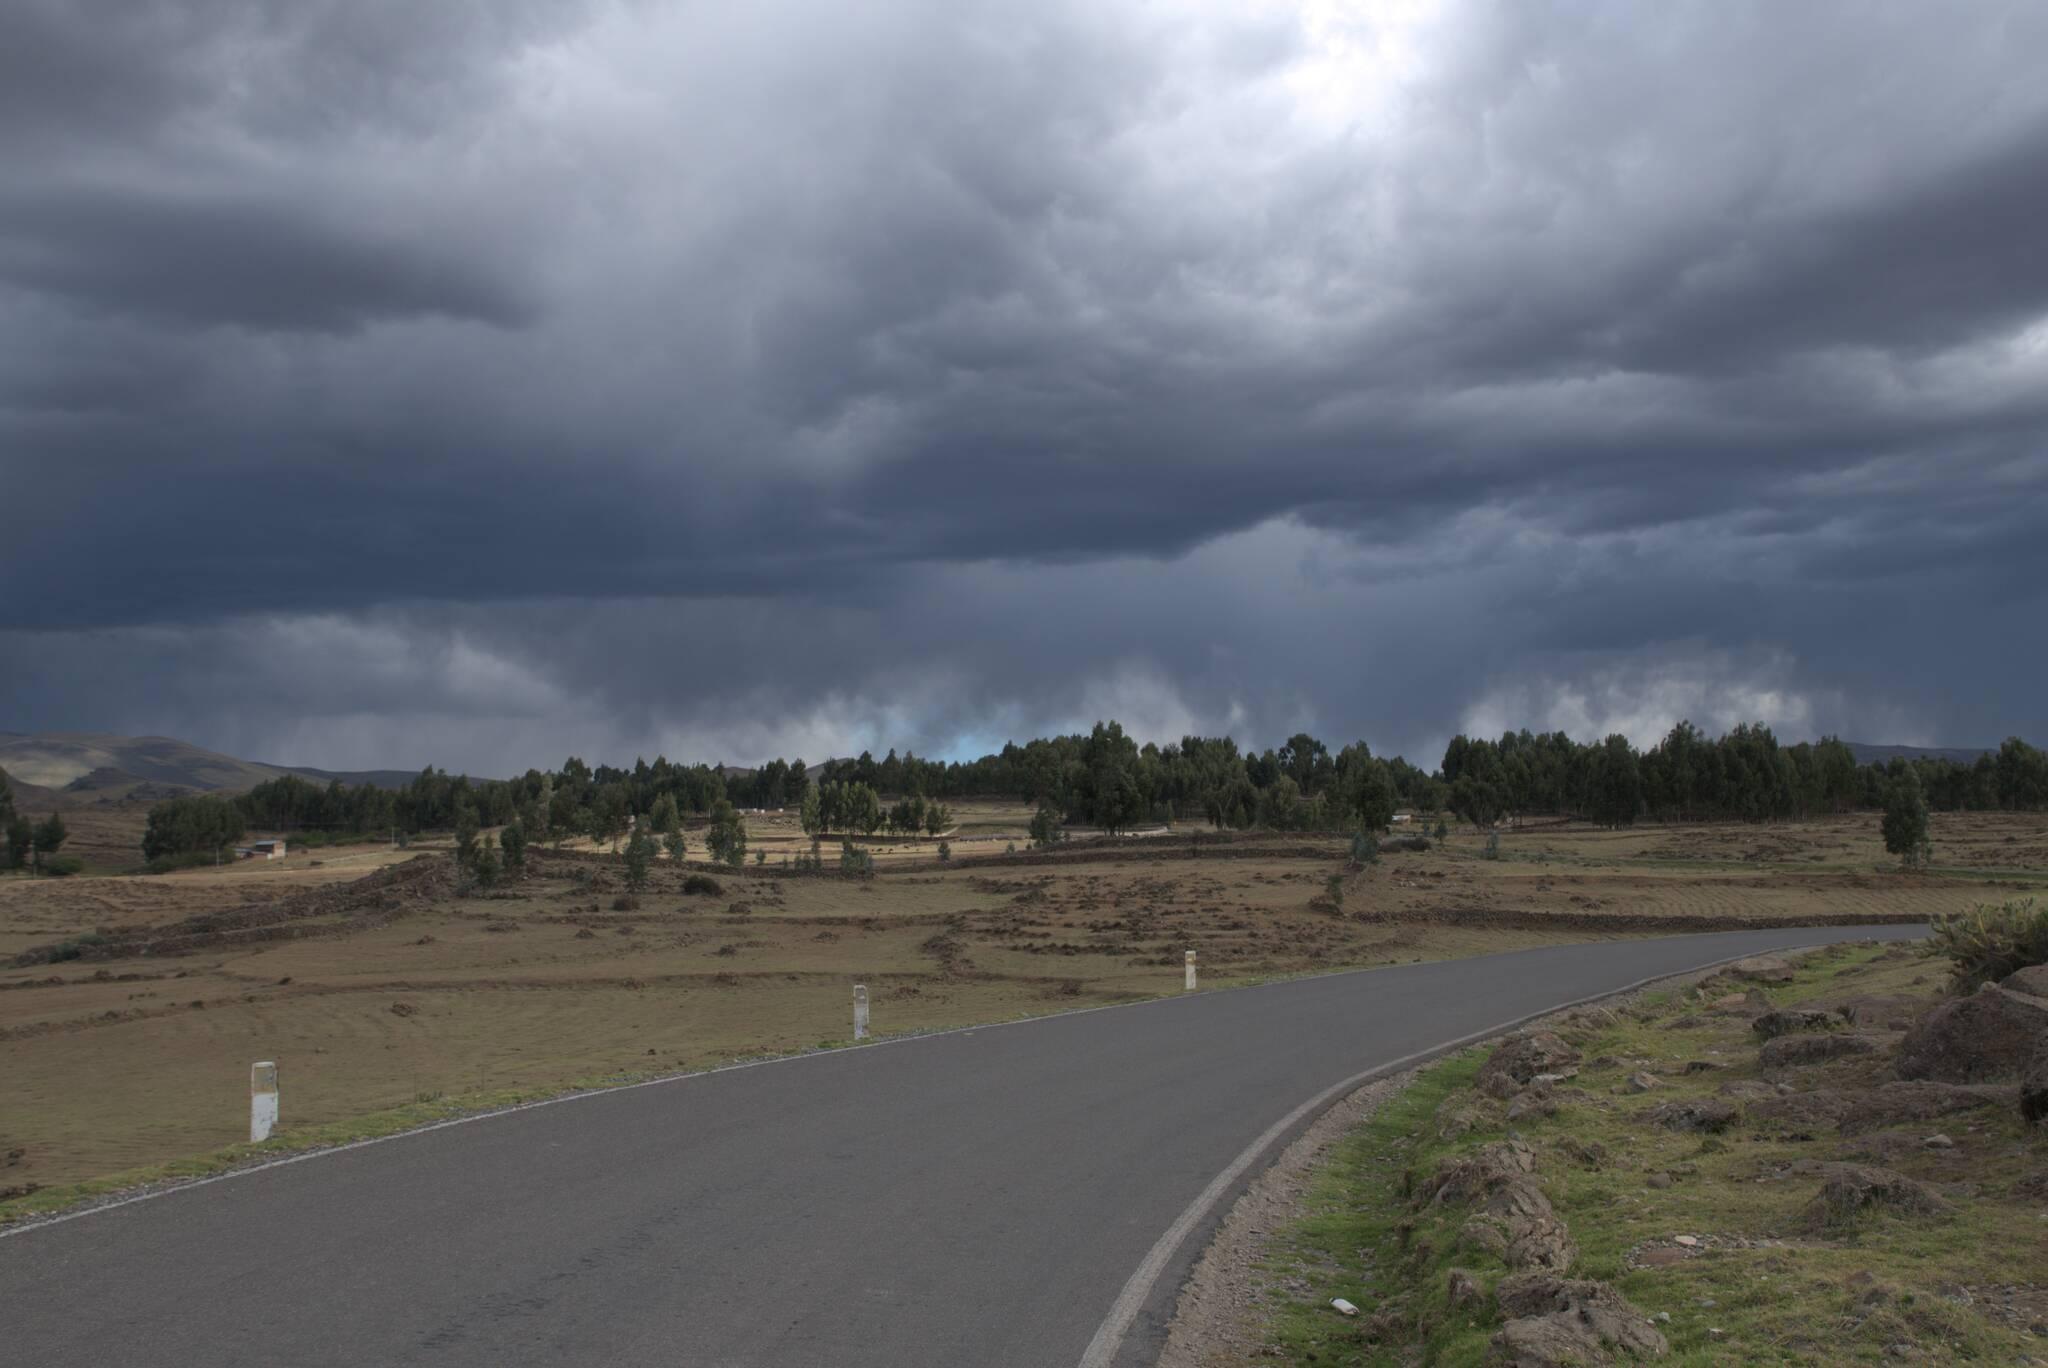 Kolejna burza się zbliża